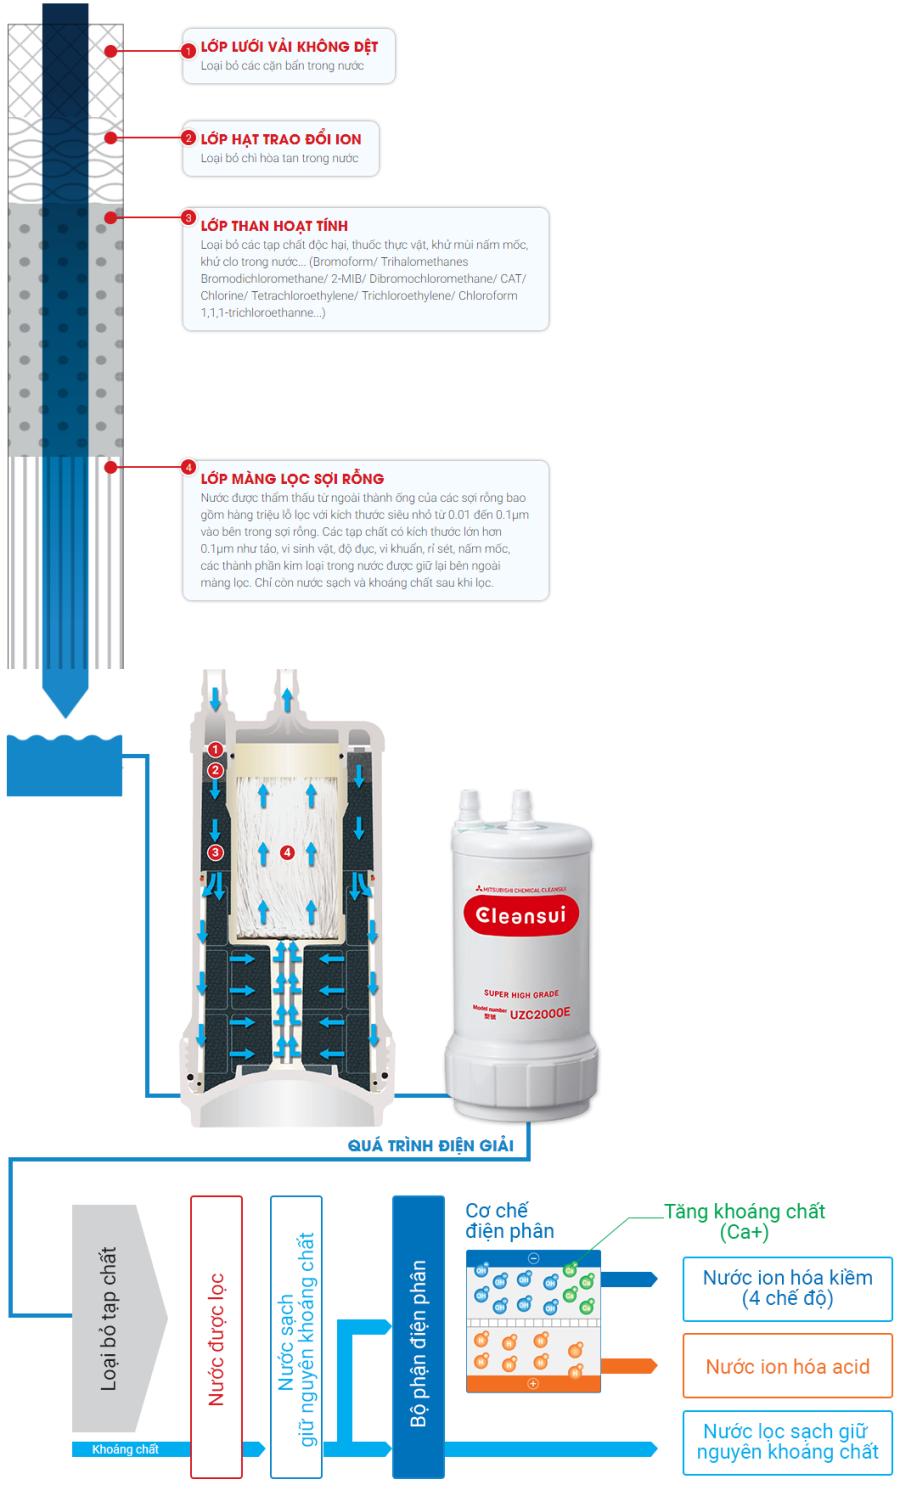 Quy trình lọc của máy lọc nước ion kiềm Mitsubishi Cleansui EU301